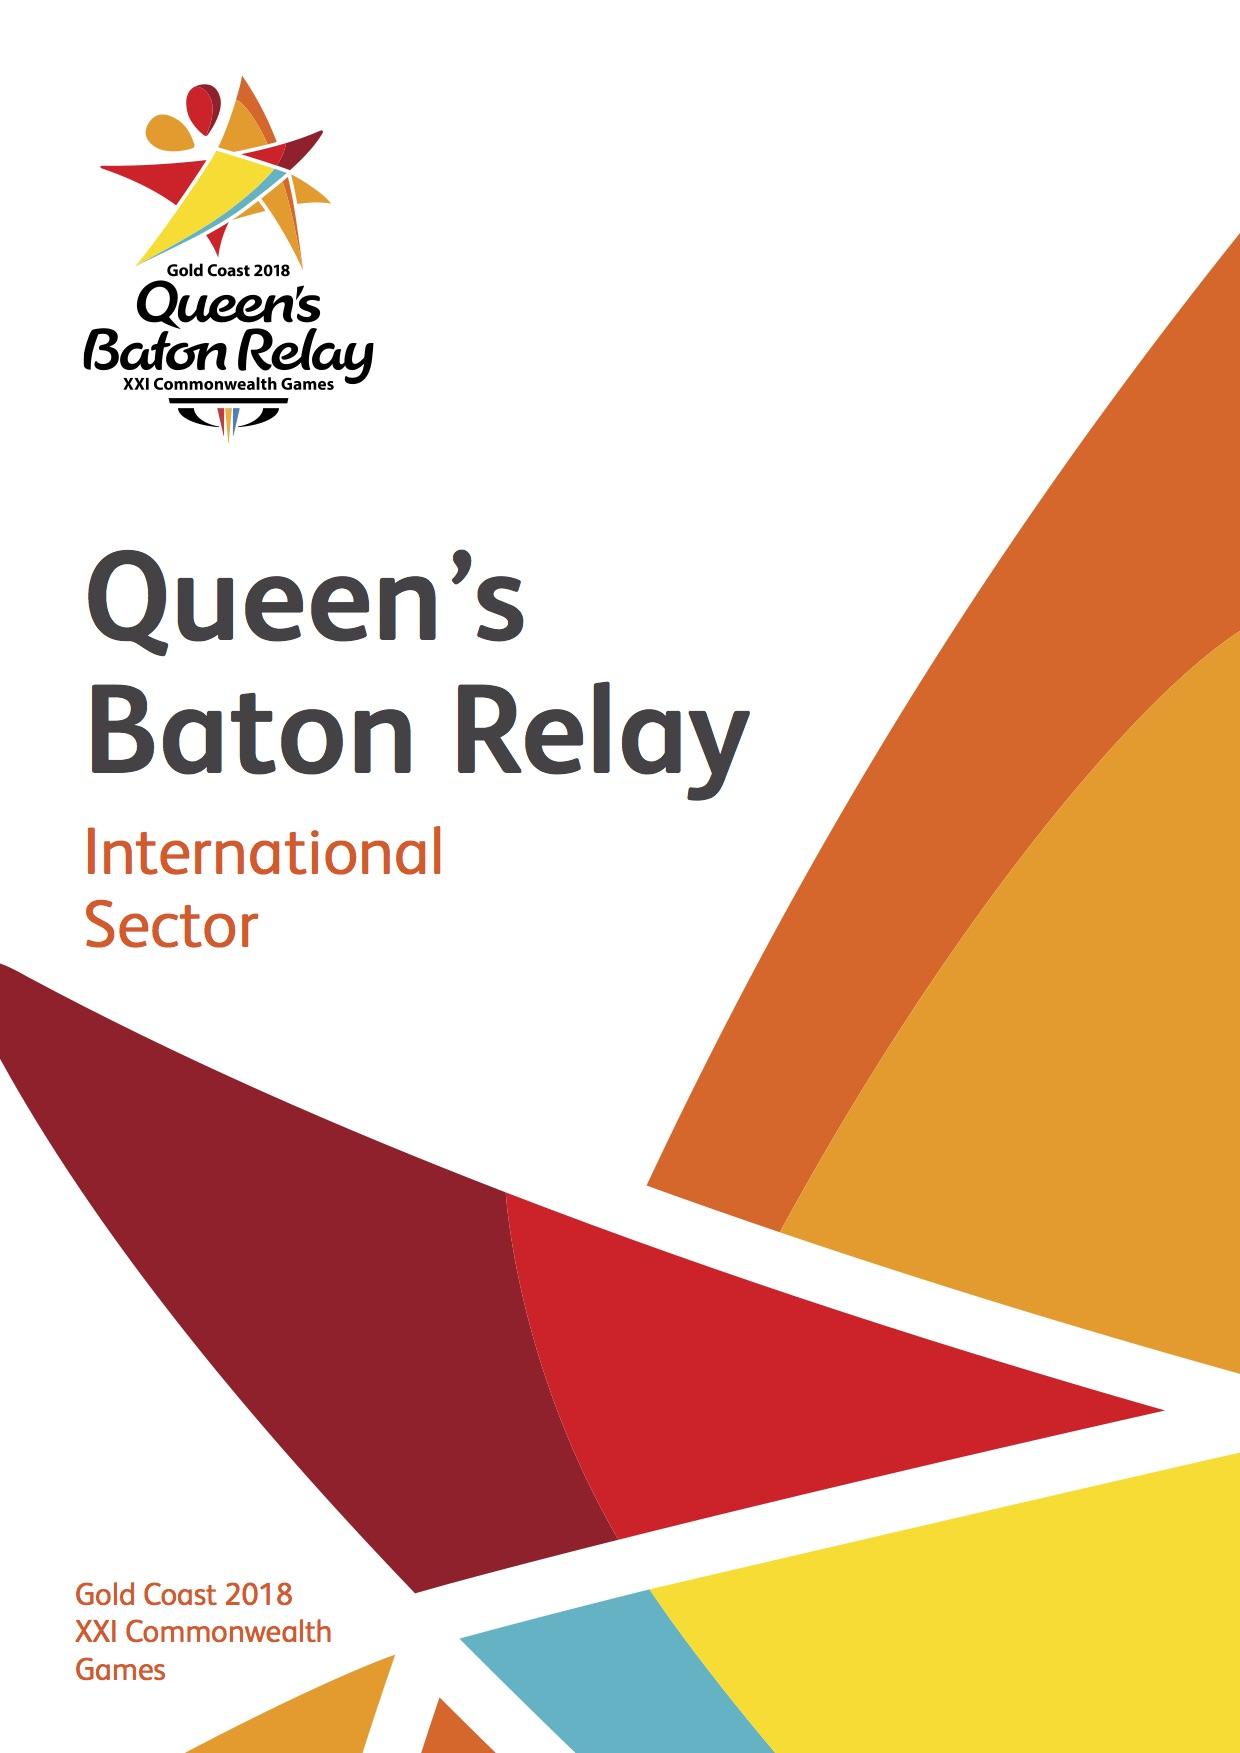 GC2018-QBR-International-Sector-Fact-Sheet